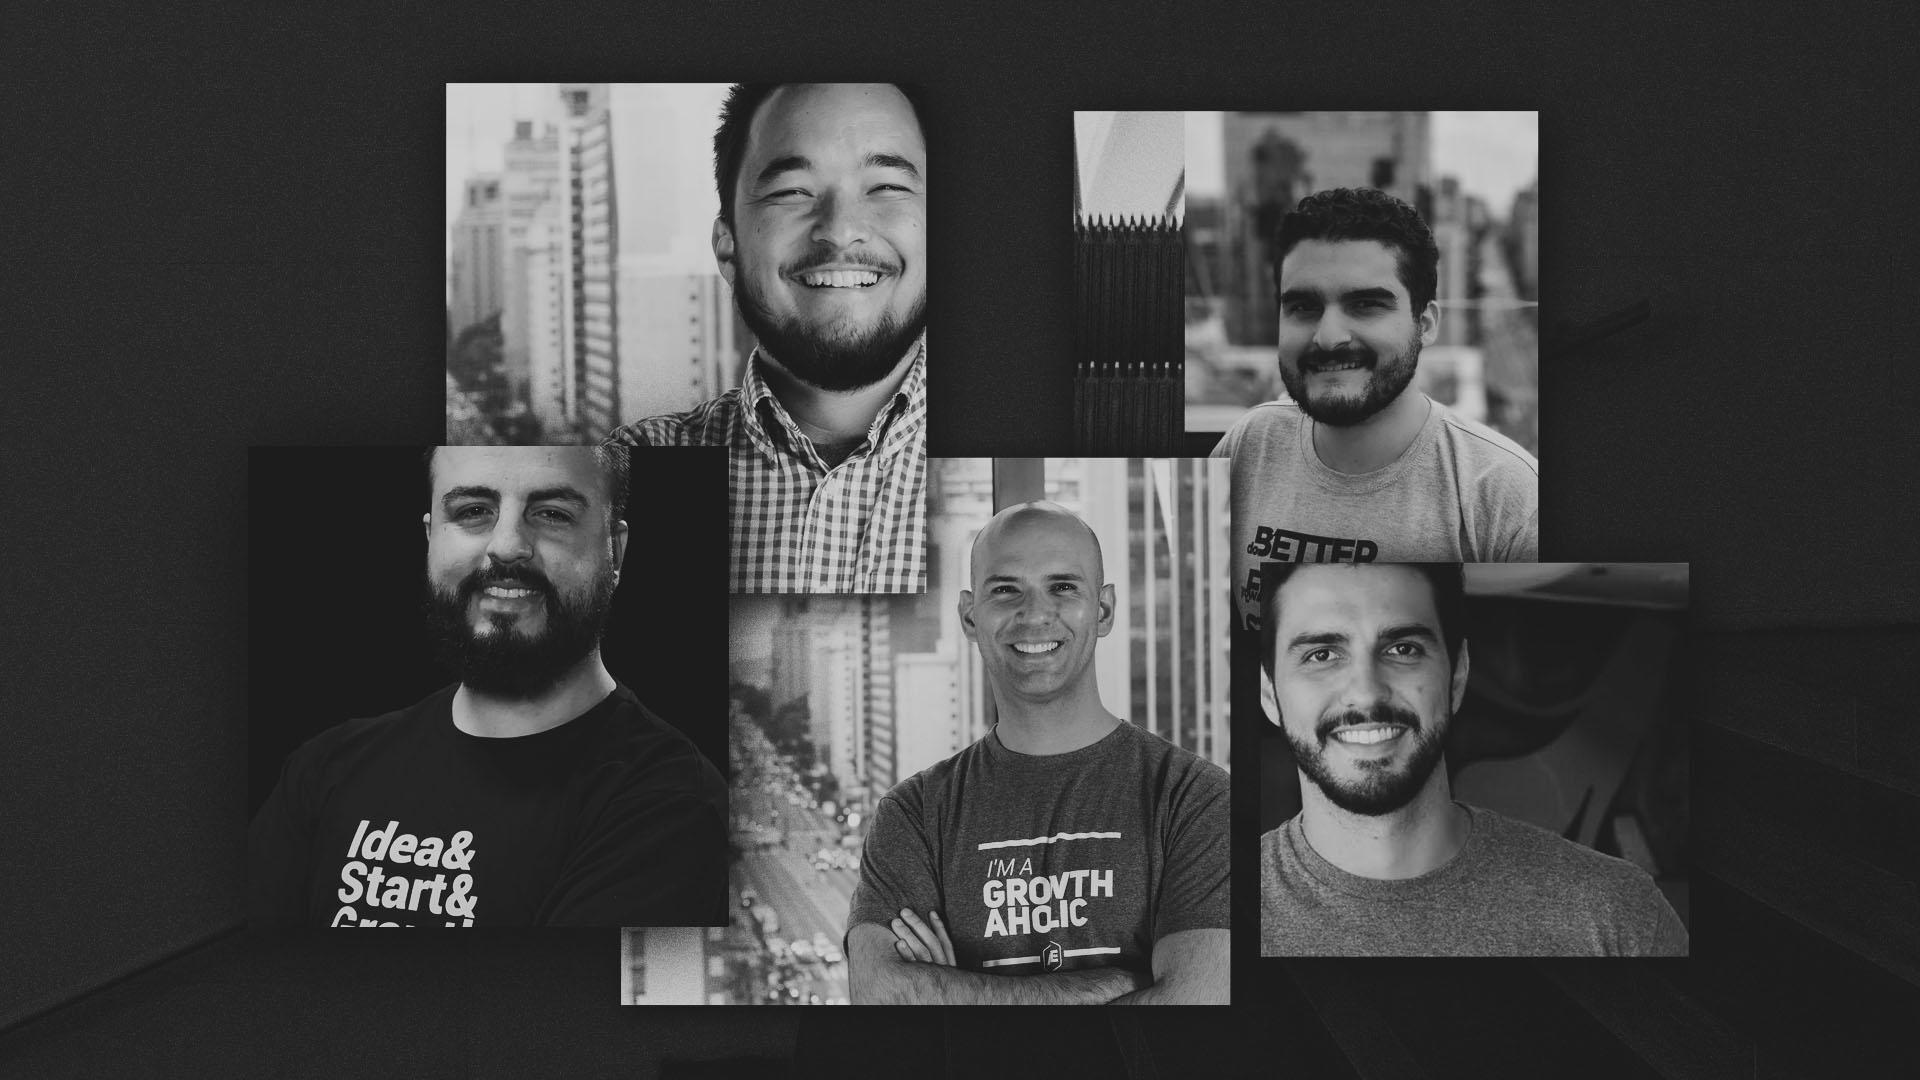 Curso Steps traz as técnicas de crescimento das startups mais inovadoras do mundo